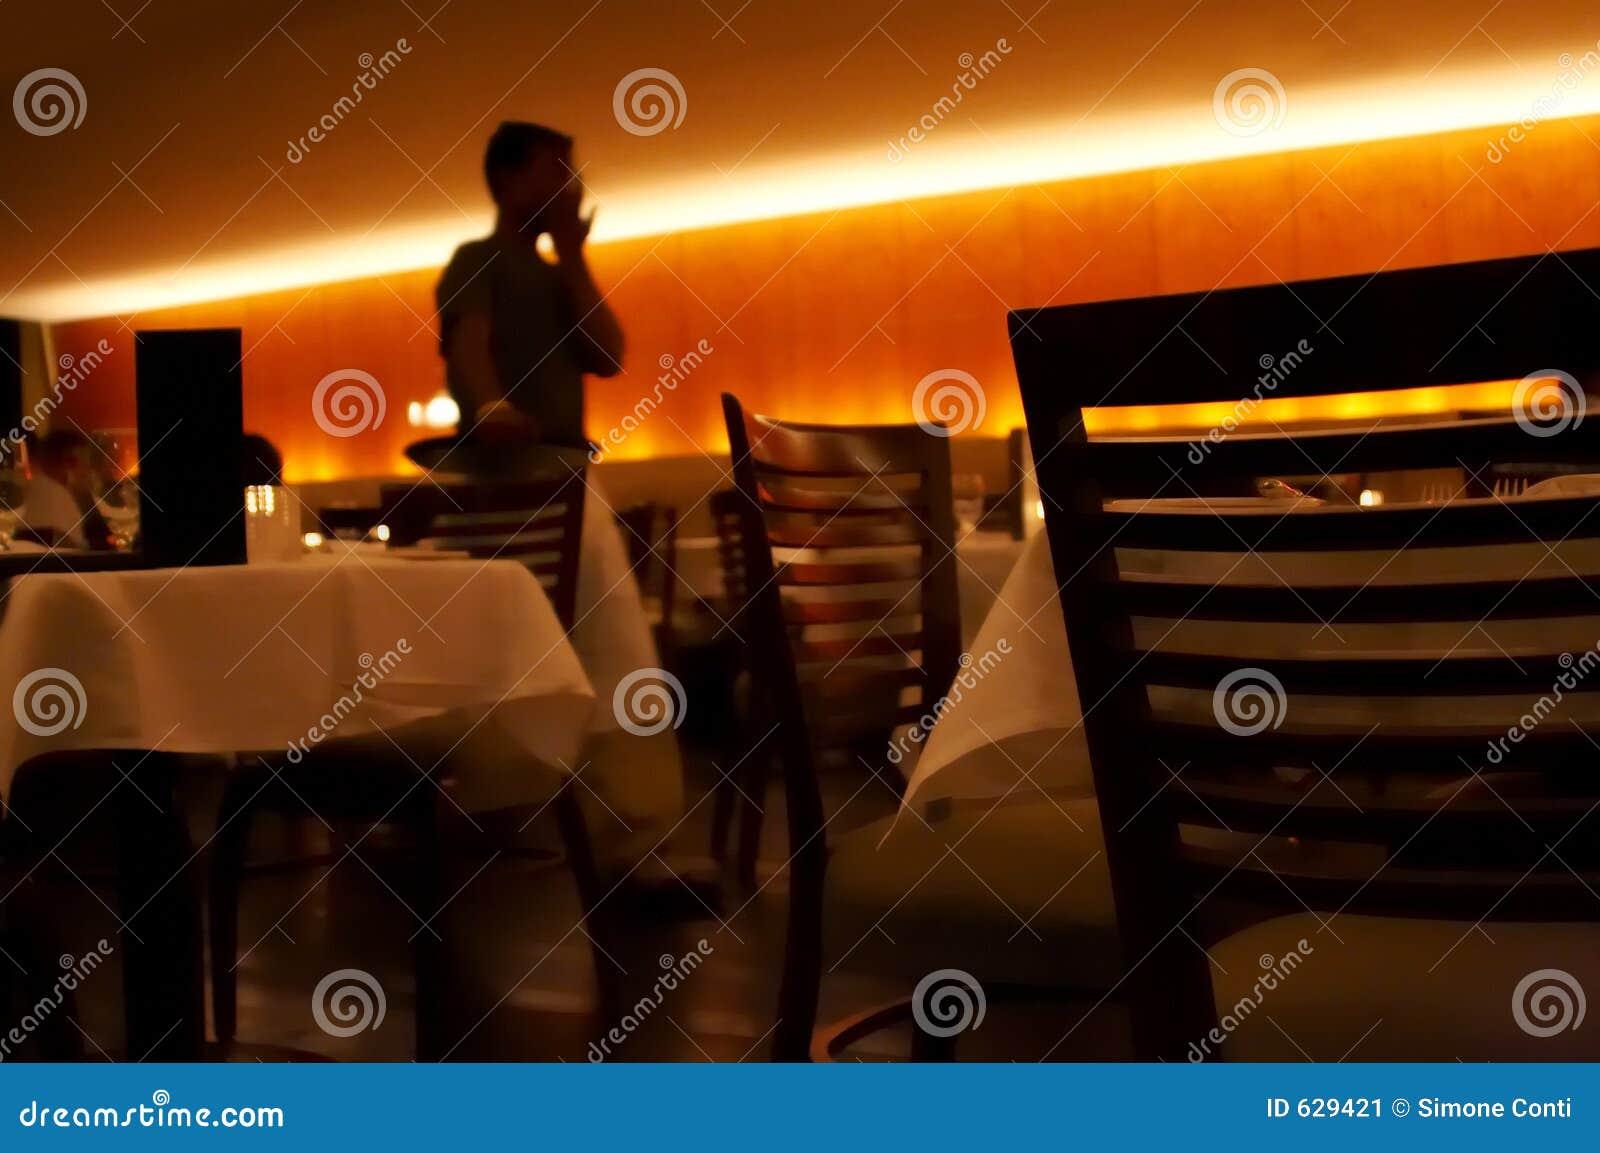 Incontrilo al ristorante